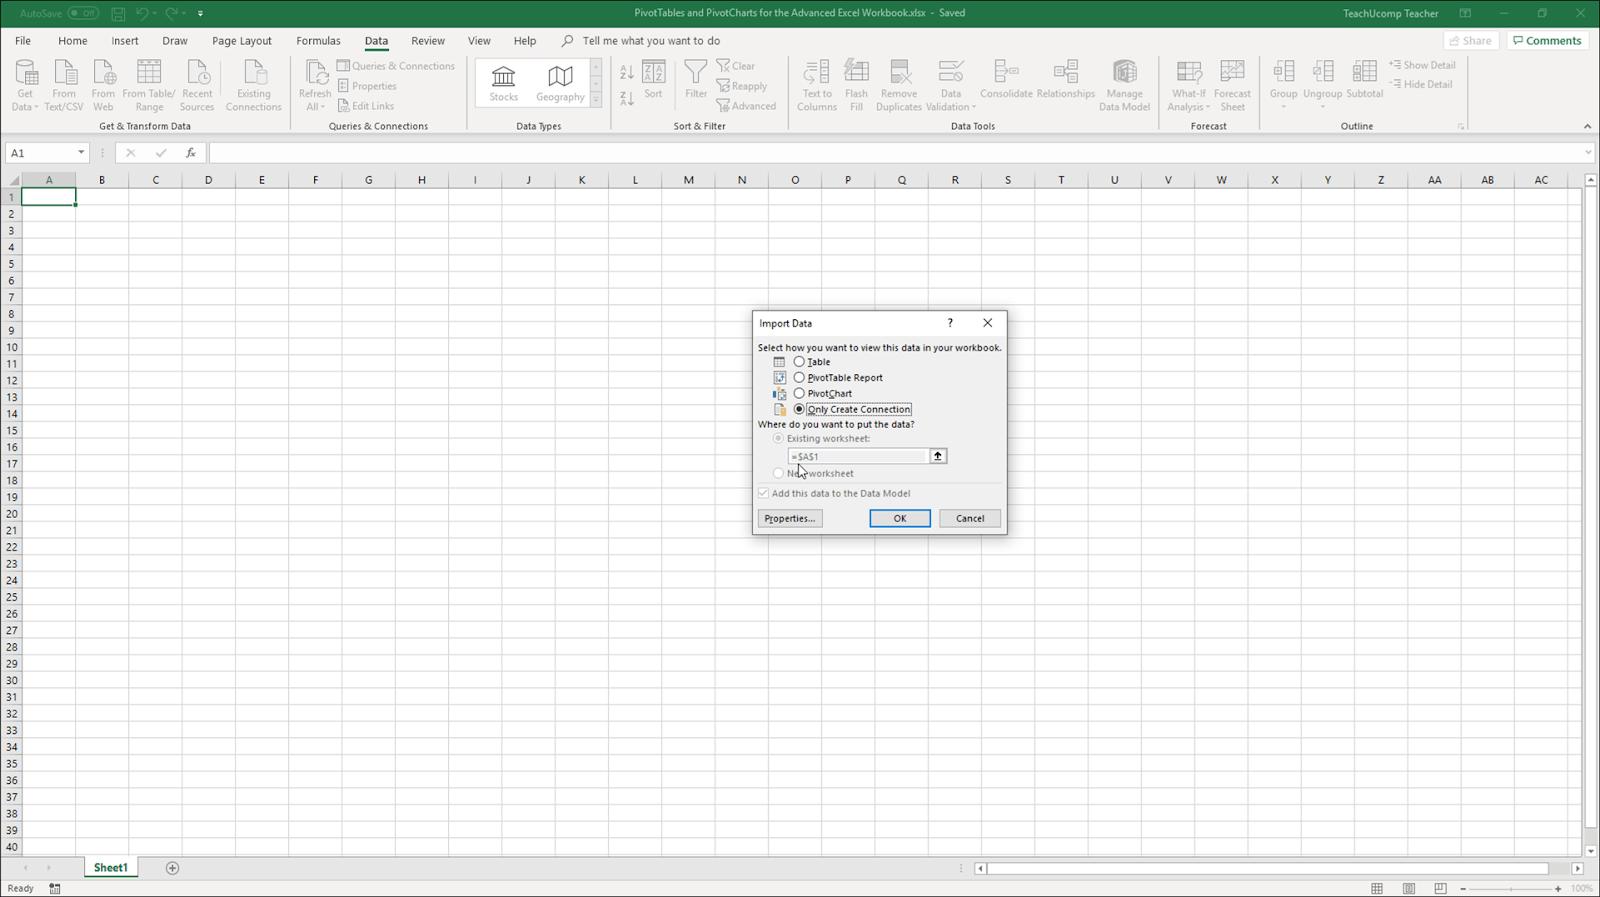 ကျွန်ုပ်မှာ Excel ဘယ် version ရှိသလဲ။